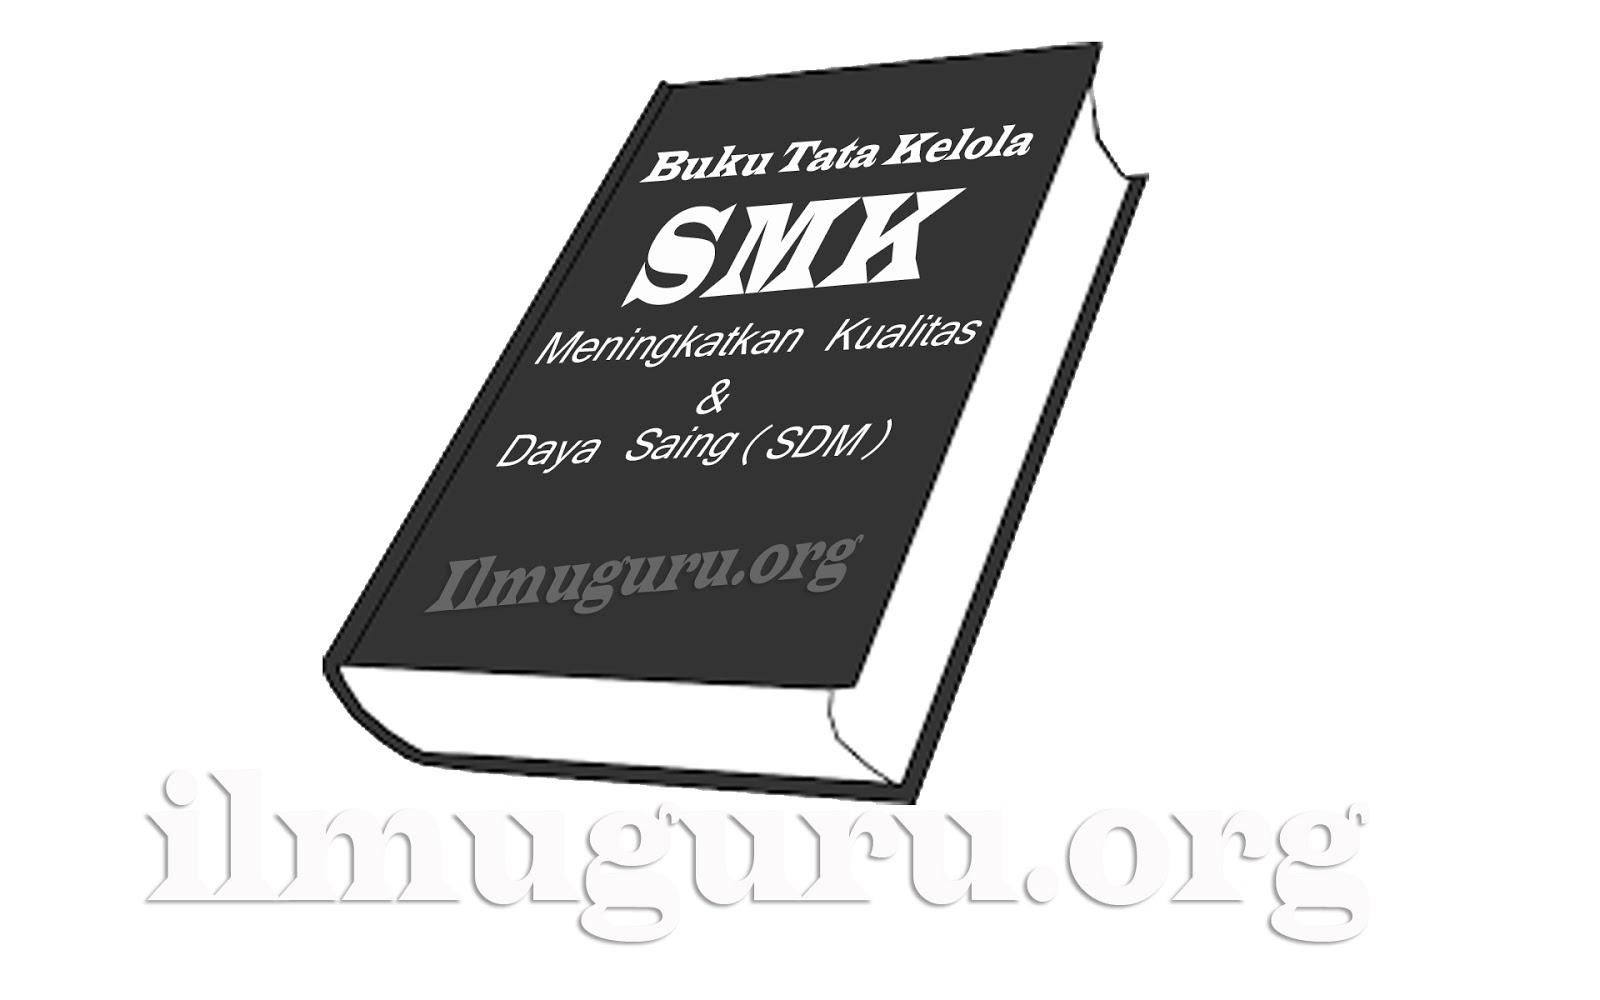 akan mencoba memberikan sedikit informasi tentang buku terbaru dengan Judul  Free Download Buku Tata Kelola SMK Tentang Meningkatkan Kualitas dan Daya Saing (SDM)